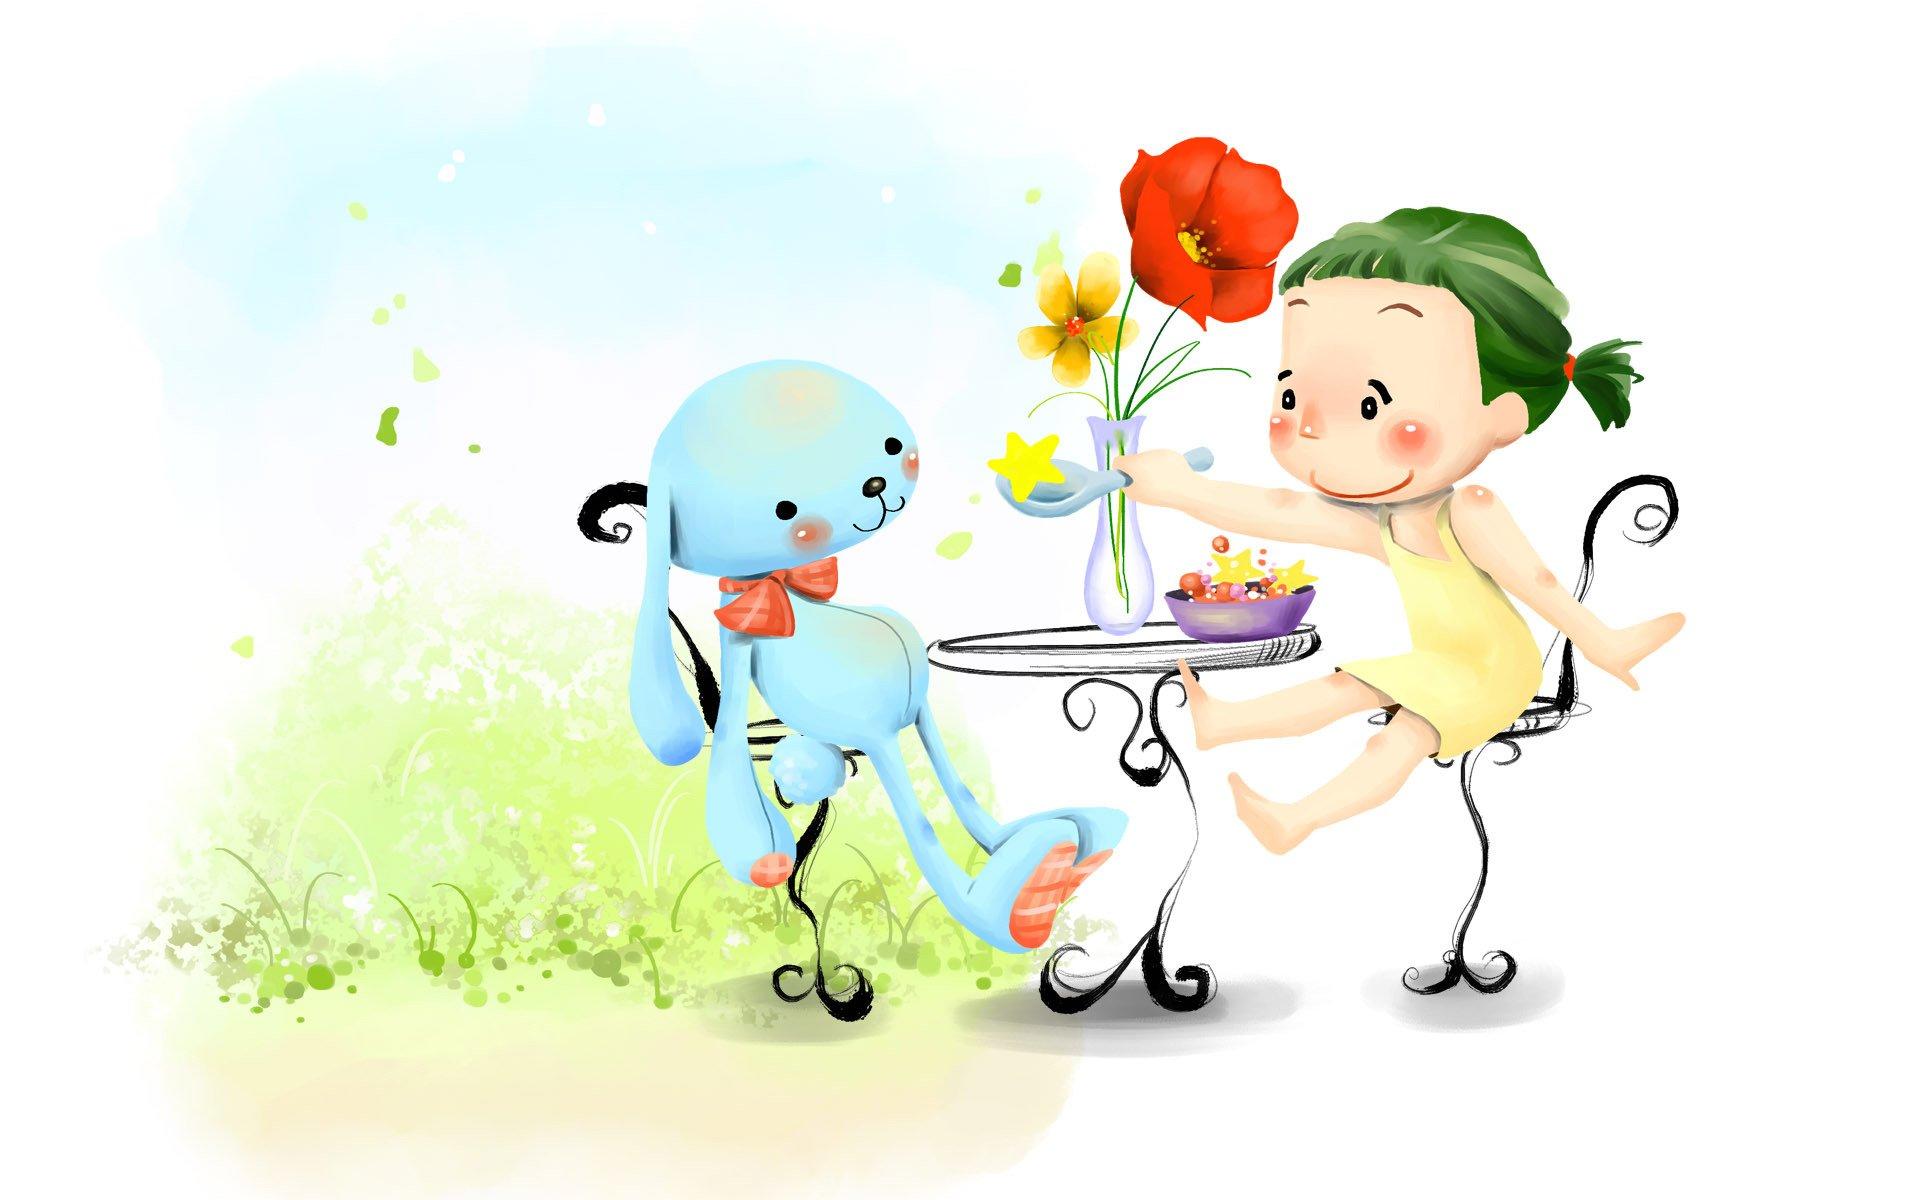 Смешные мультяшные картинки с детьми